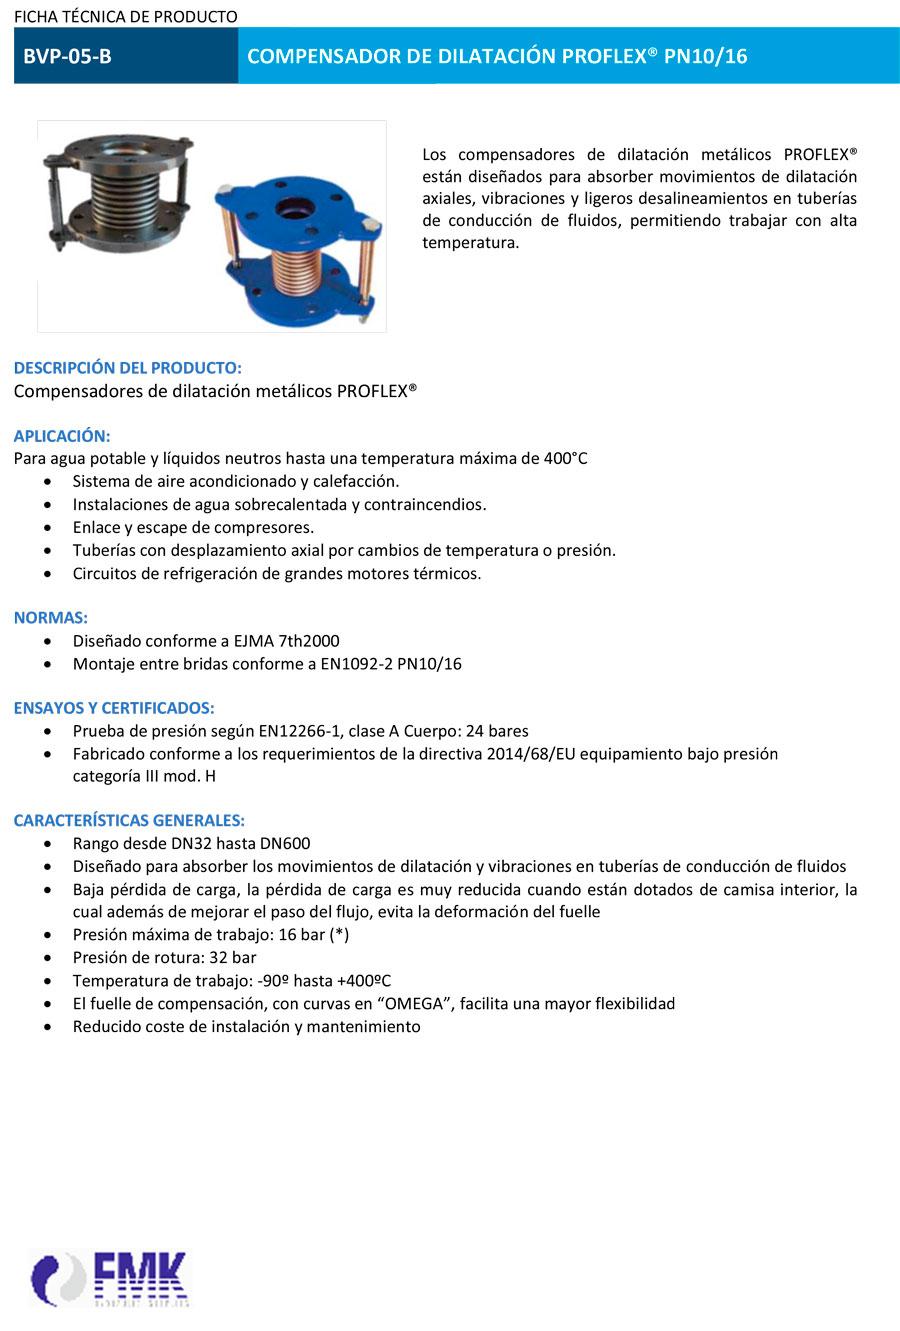 fmk-hydraulic-Compensador-de-dilatación-PROFLEX-bridado-BVP-05-B-ficha-tecnica-1